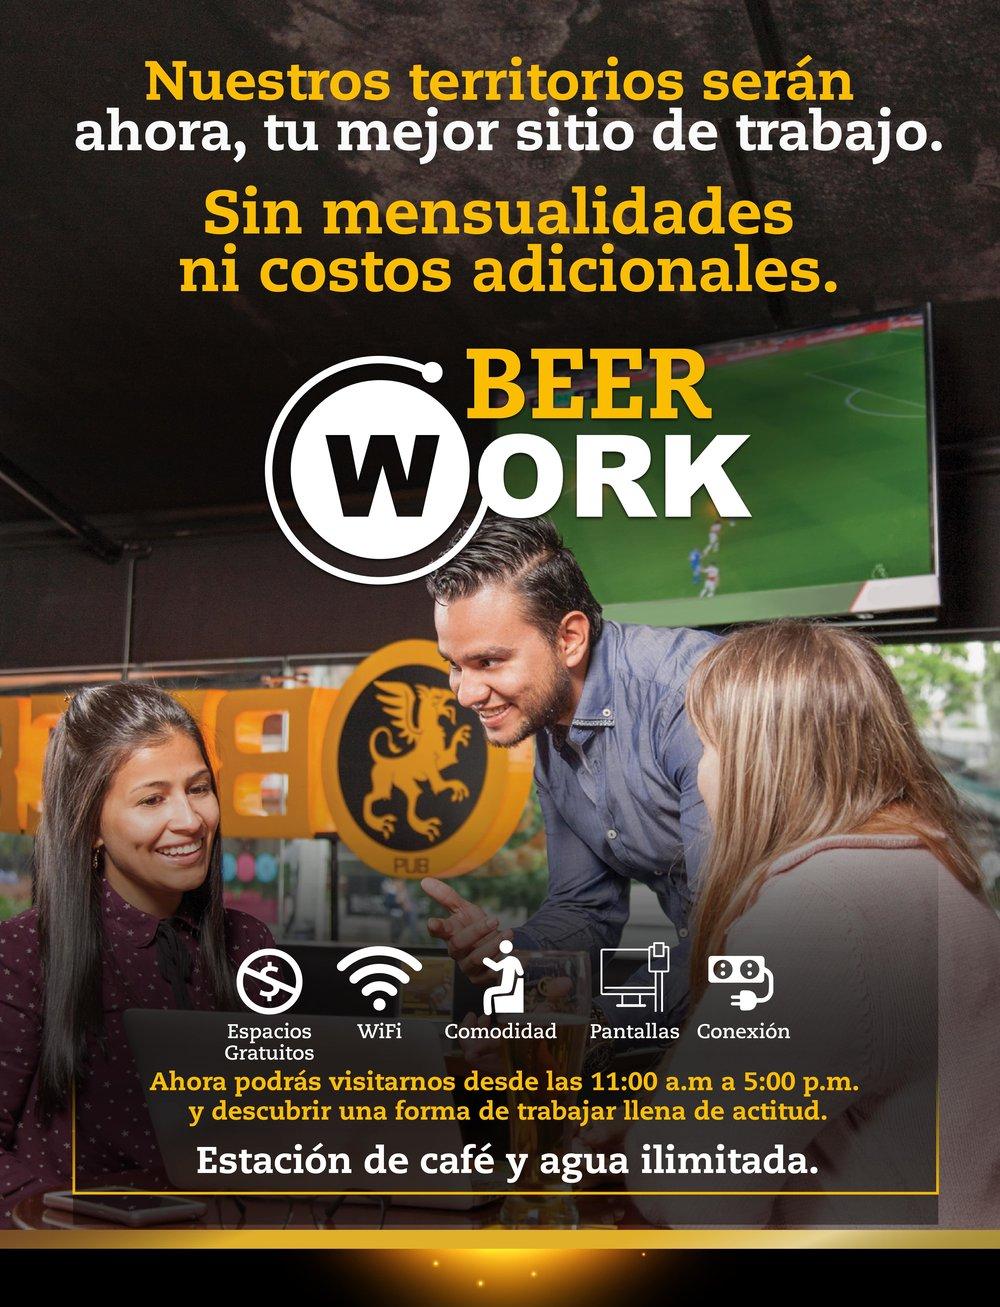 beerwork2.0.jpg